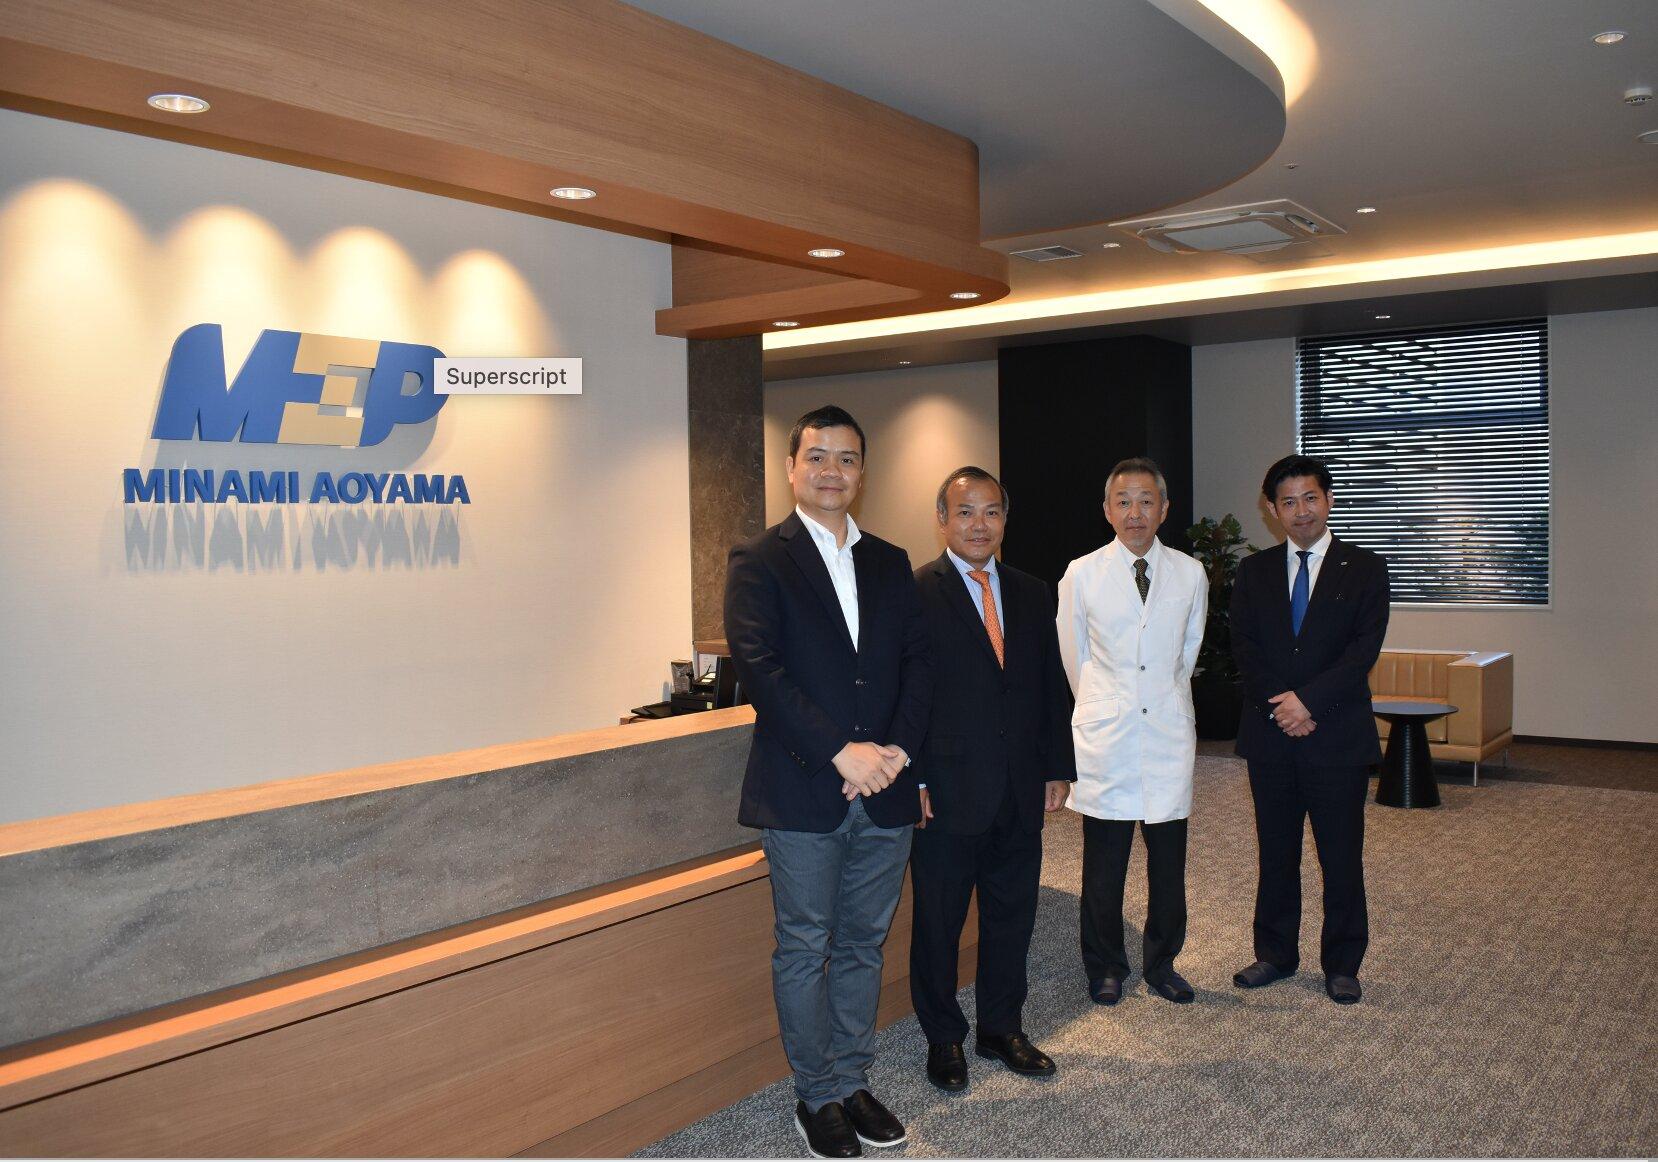 """Đại sứ Vũ Hồng Nam thăm và làm việc với Cơ sở y tế """"Medical Examination Plaza-MEP Minami Aoyama""""."""